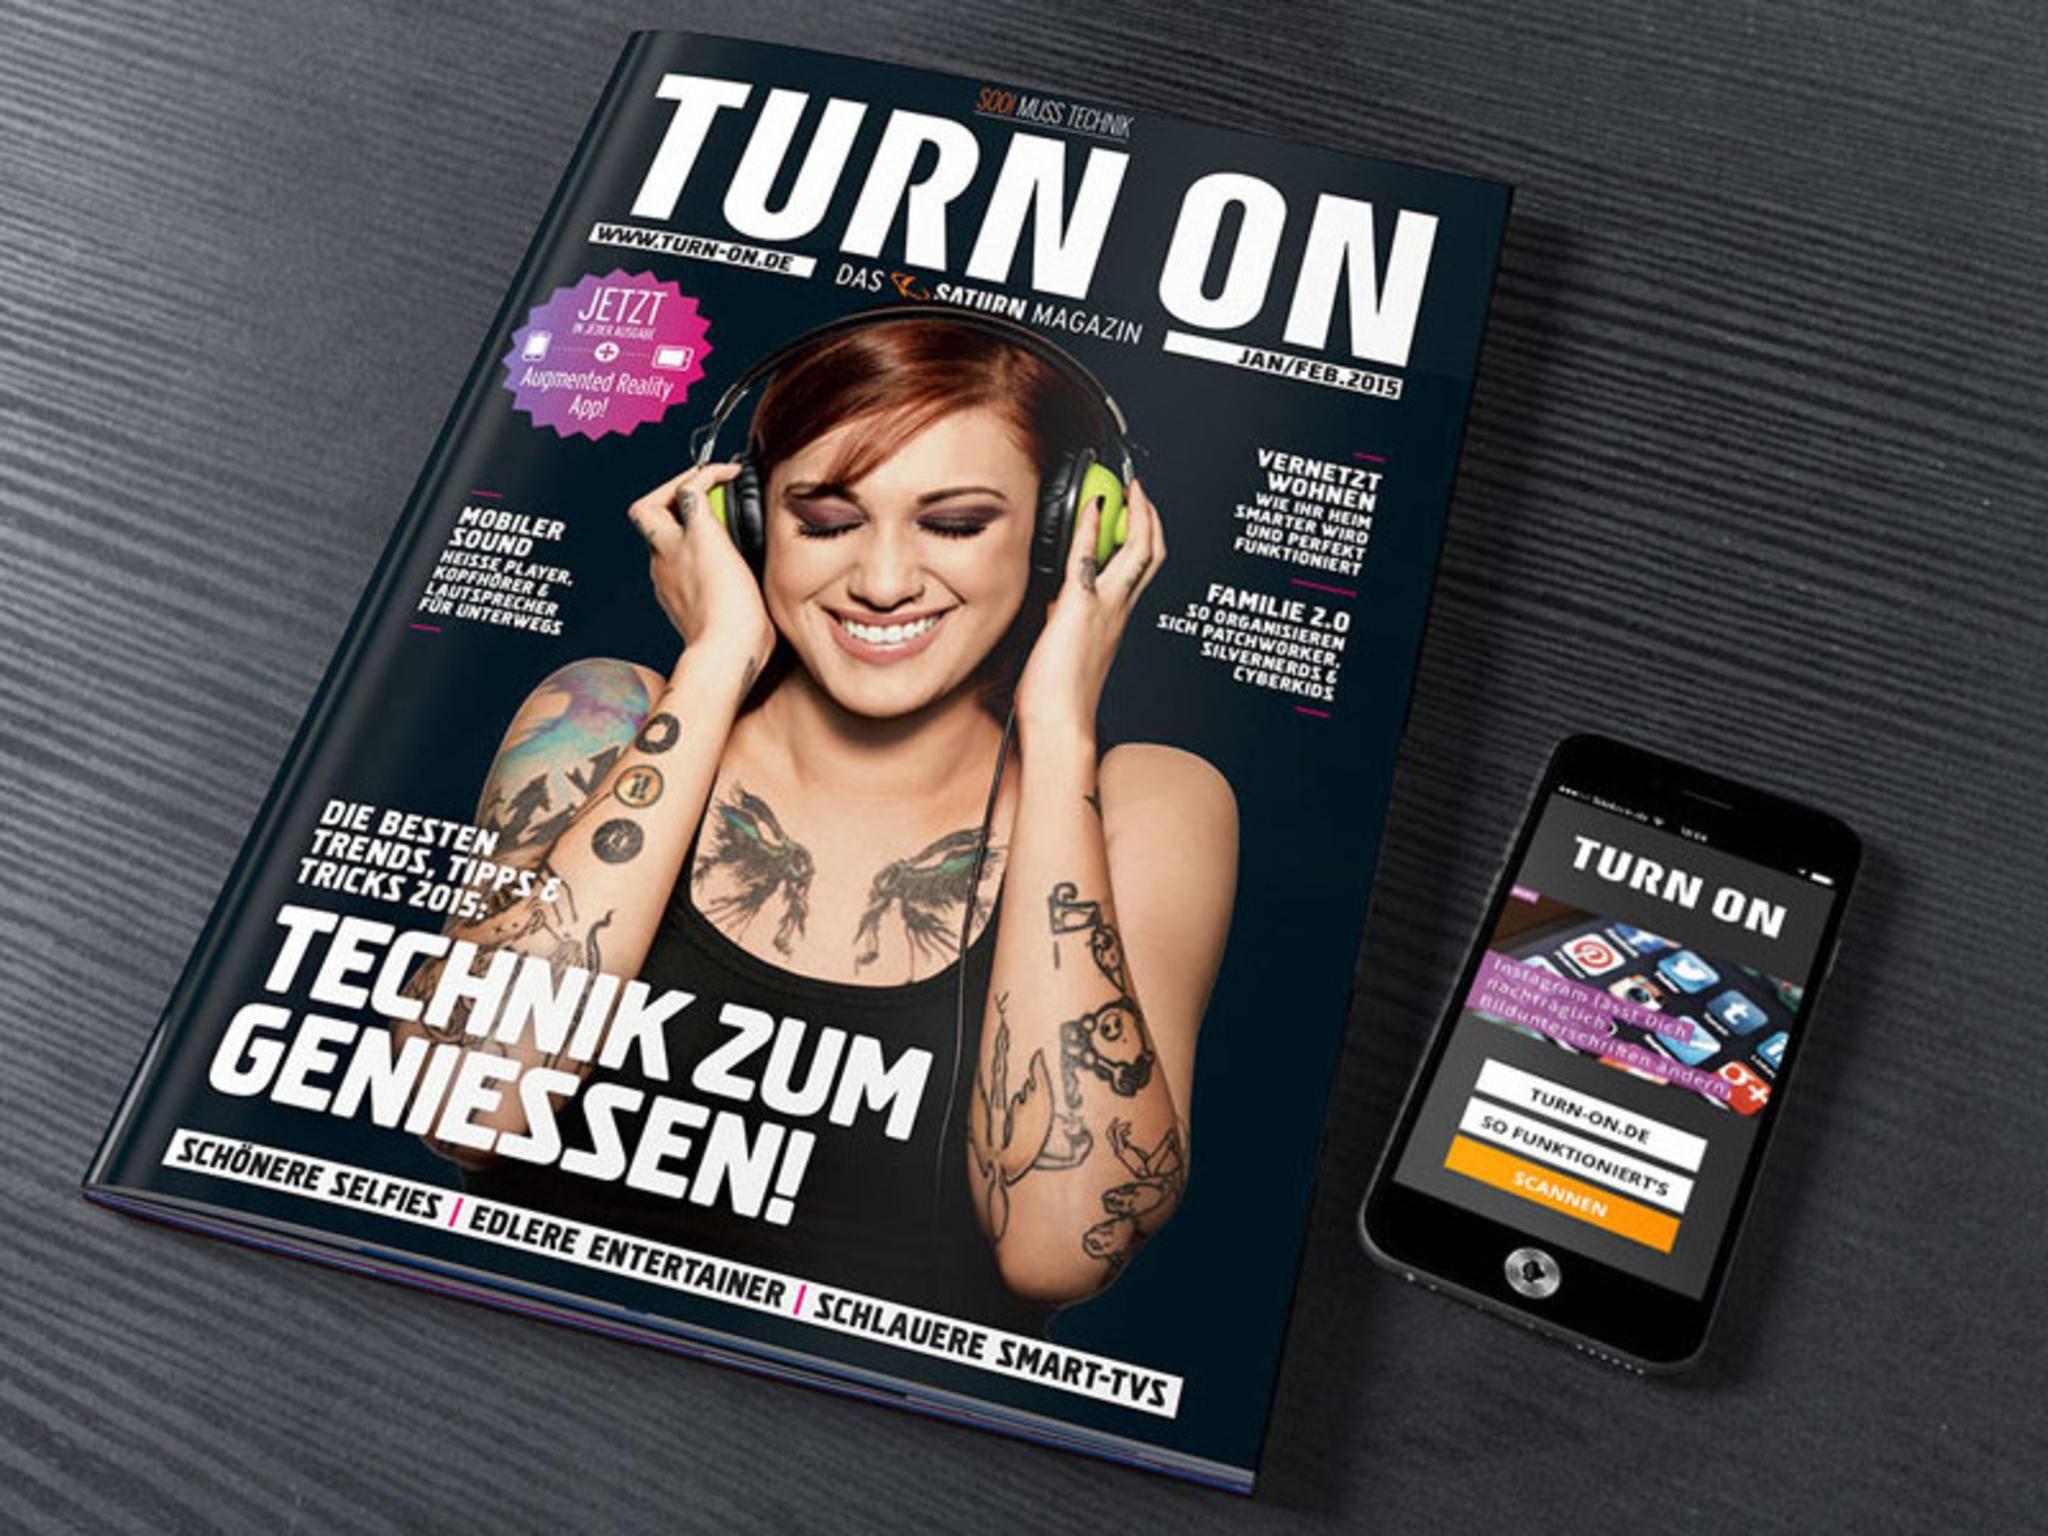 TURN ON Magazin App